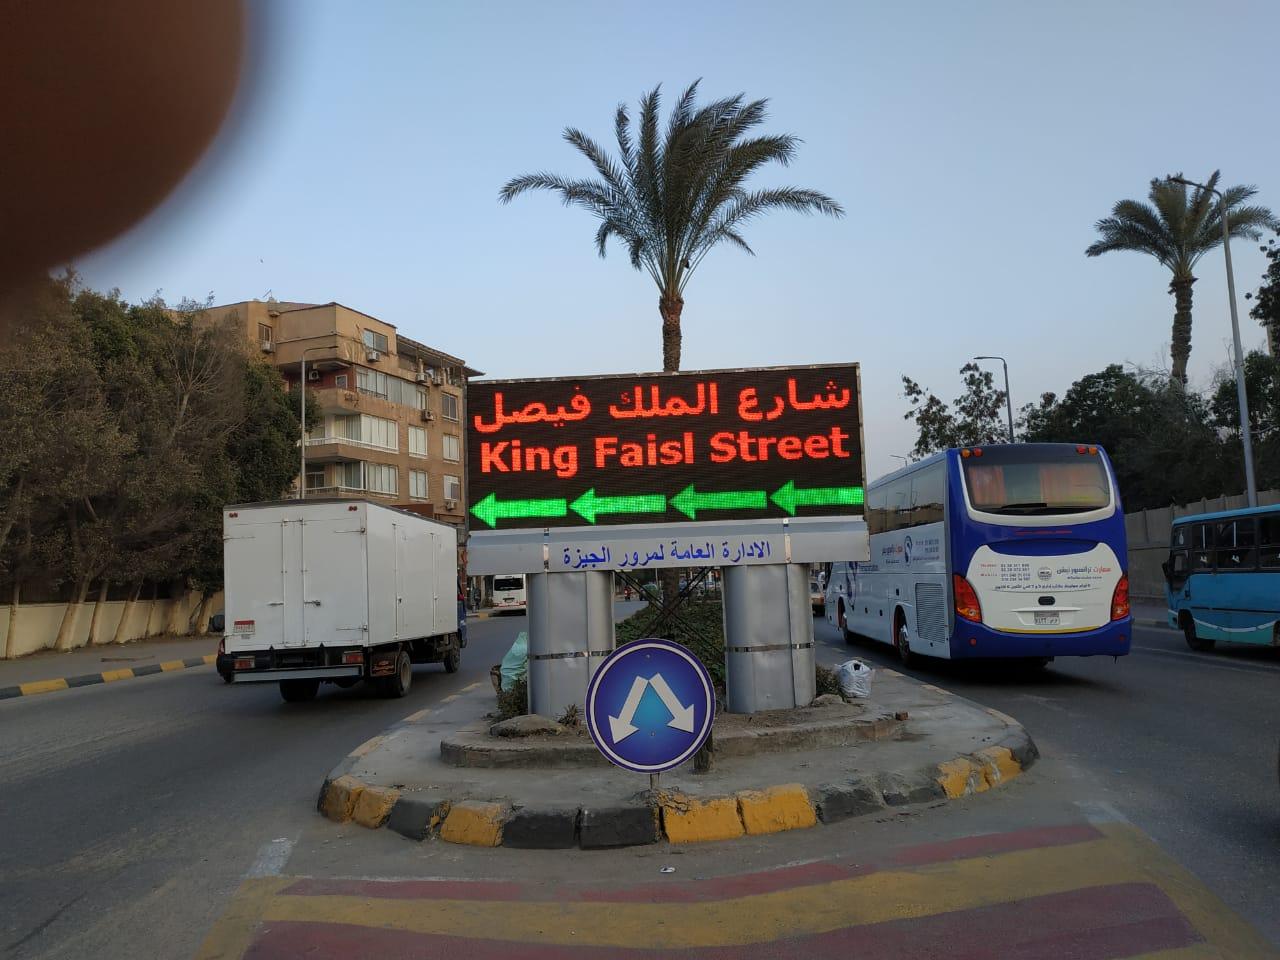 لوحات ارشادية لشارع الملك فيصل